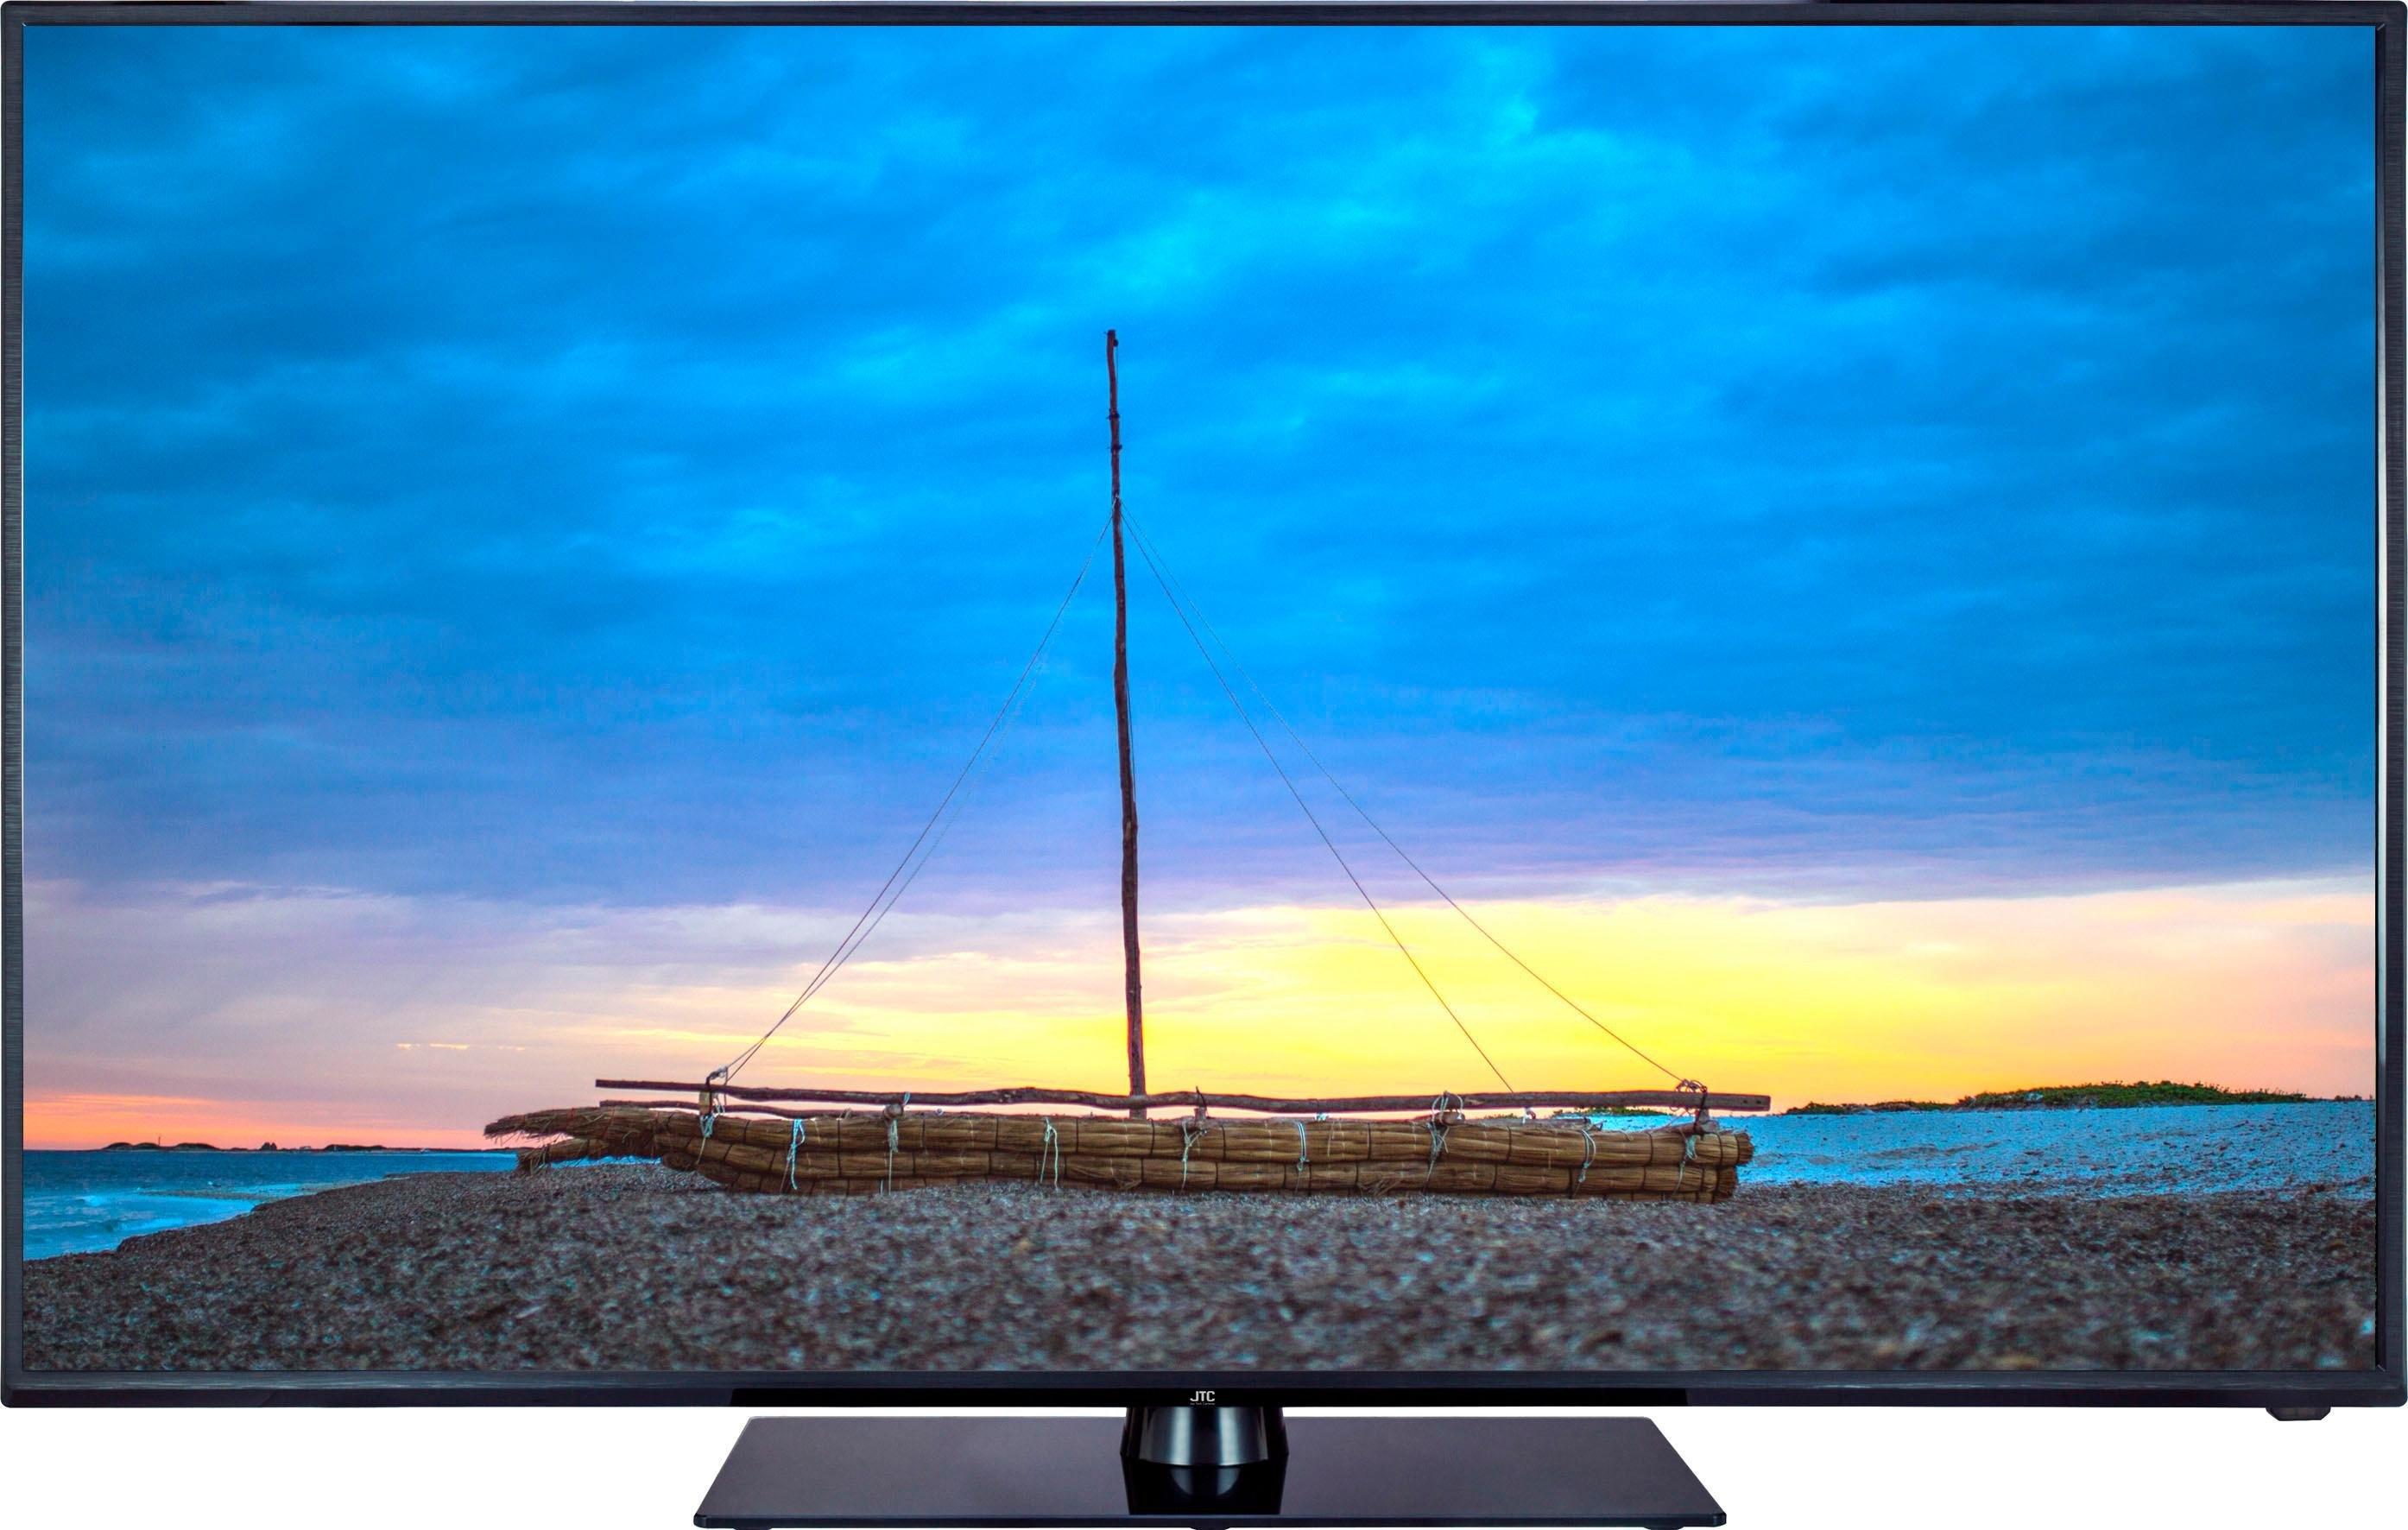 Jay-tech Nemesis 4.9 led-tv (49 inch), 4K Ultra HD bestellen: 14 dagen bedenktijd